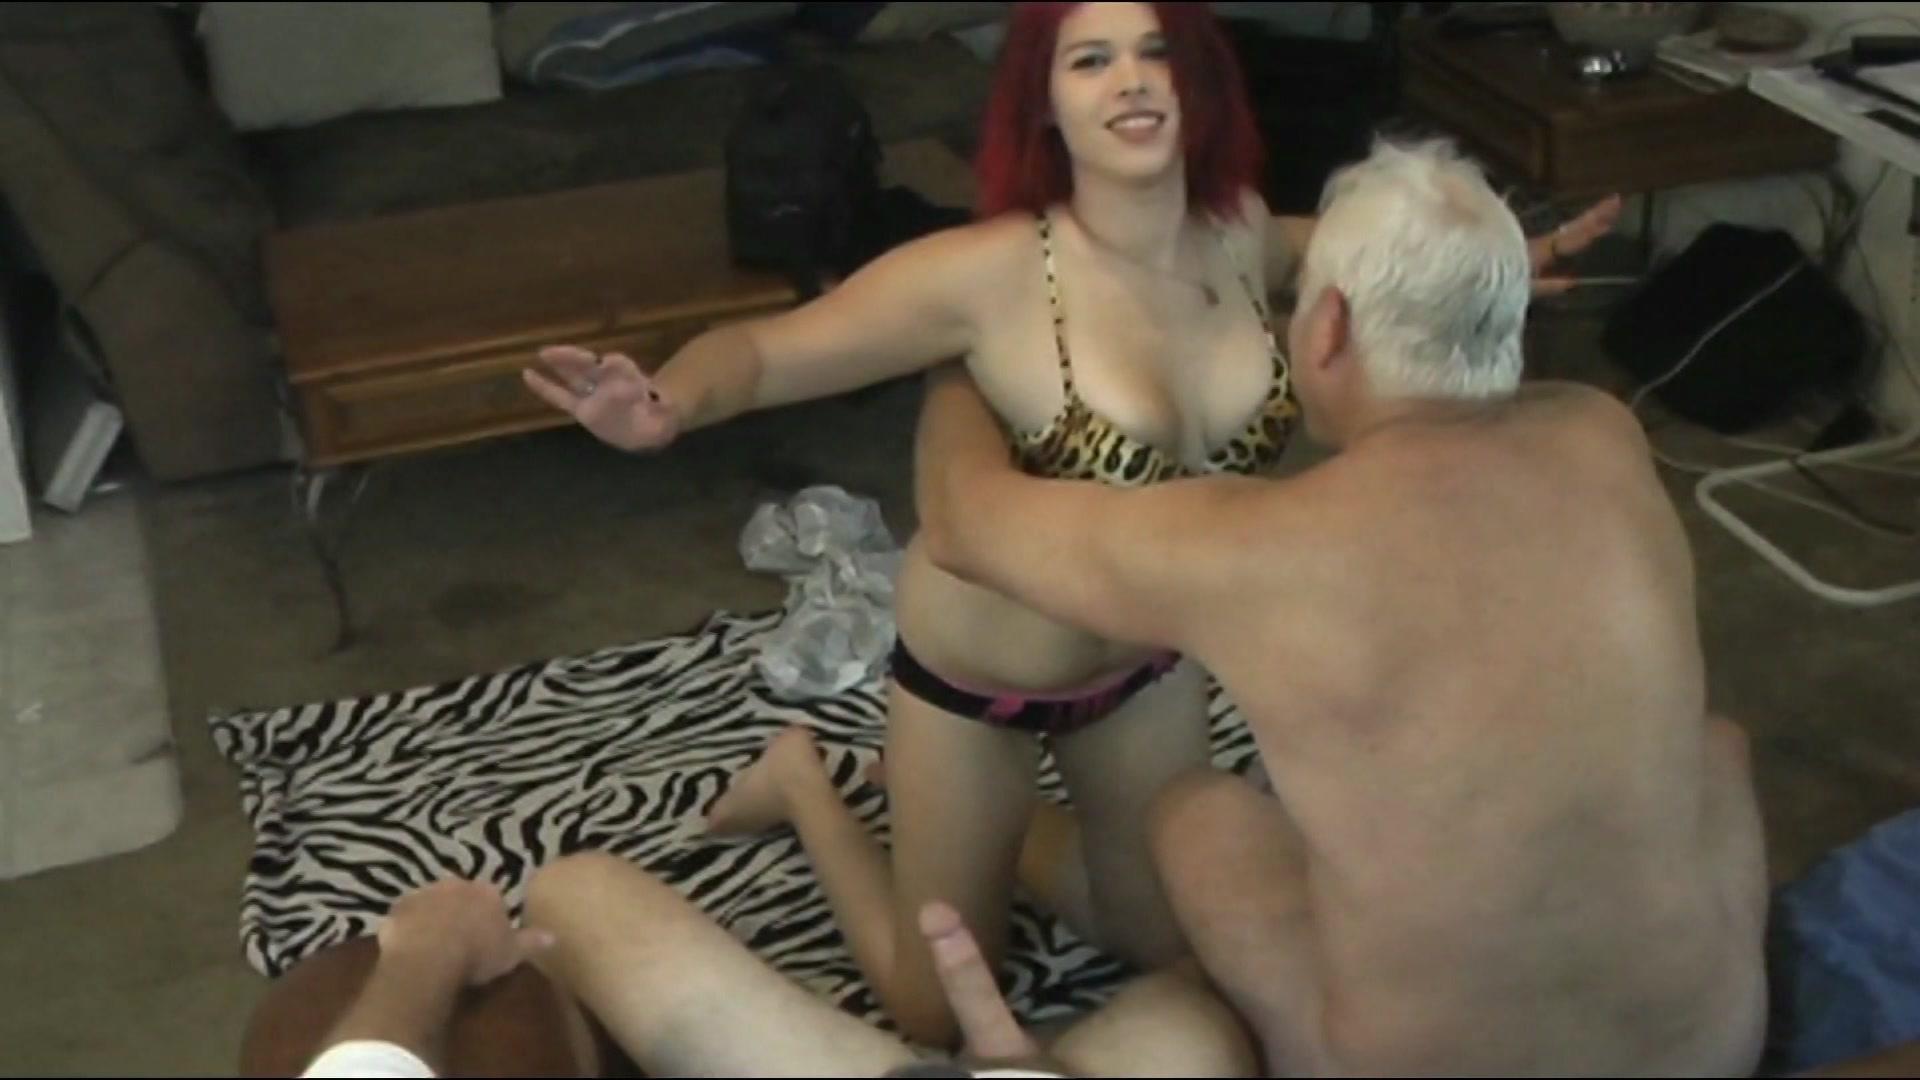 Lesbian in prison shower